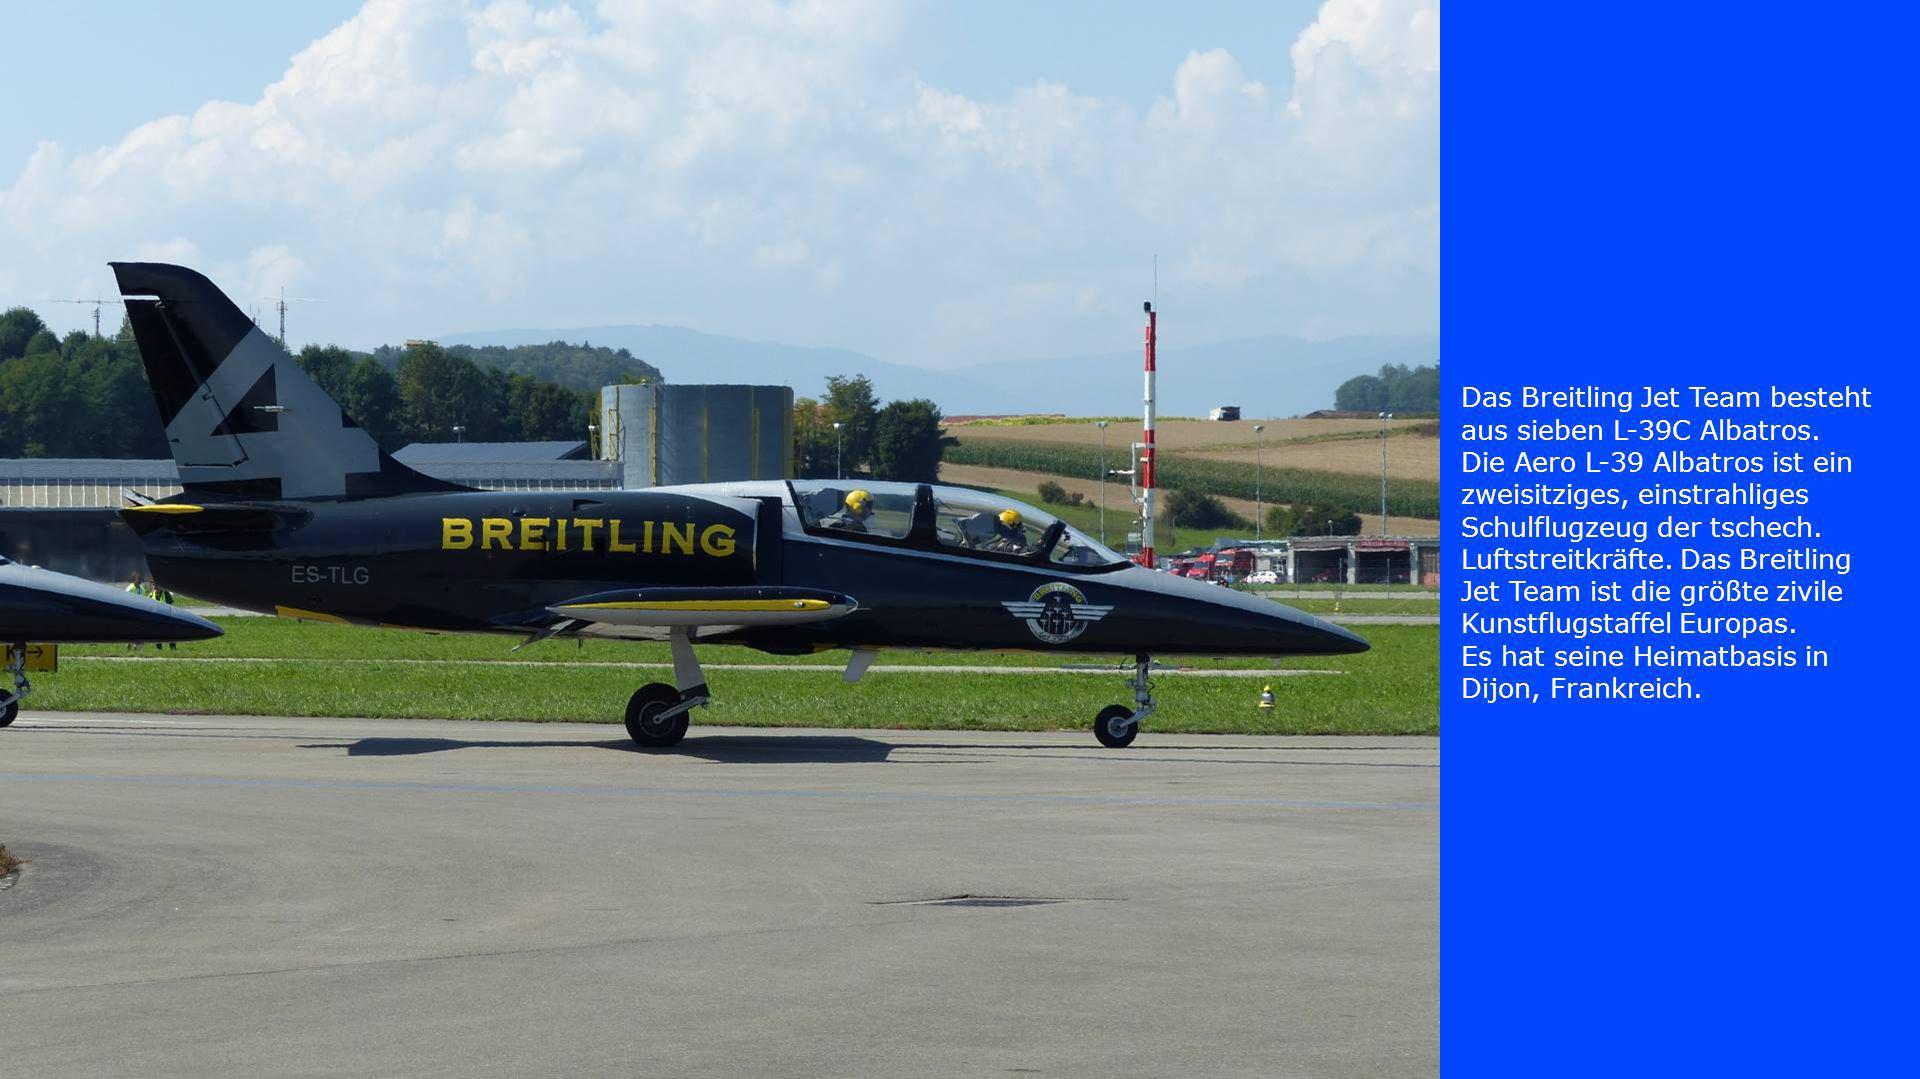 Das Breitling Jet Team besteht aus sieben L-39C Albatros.